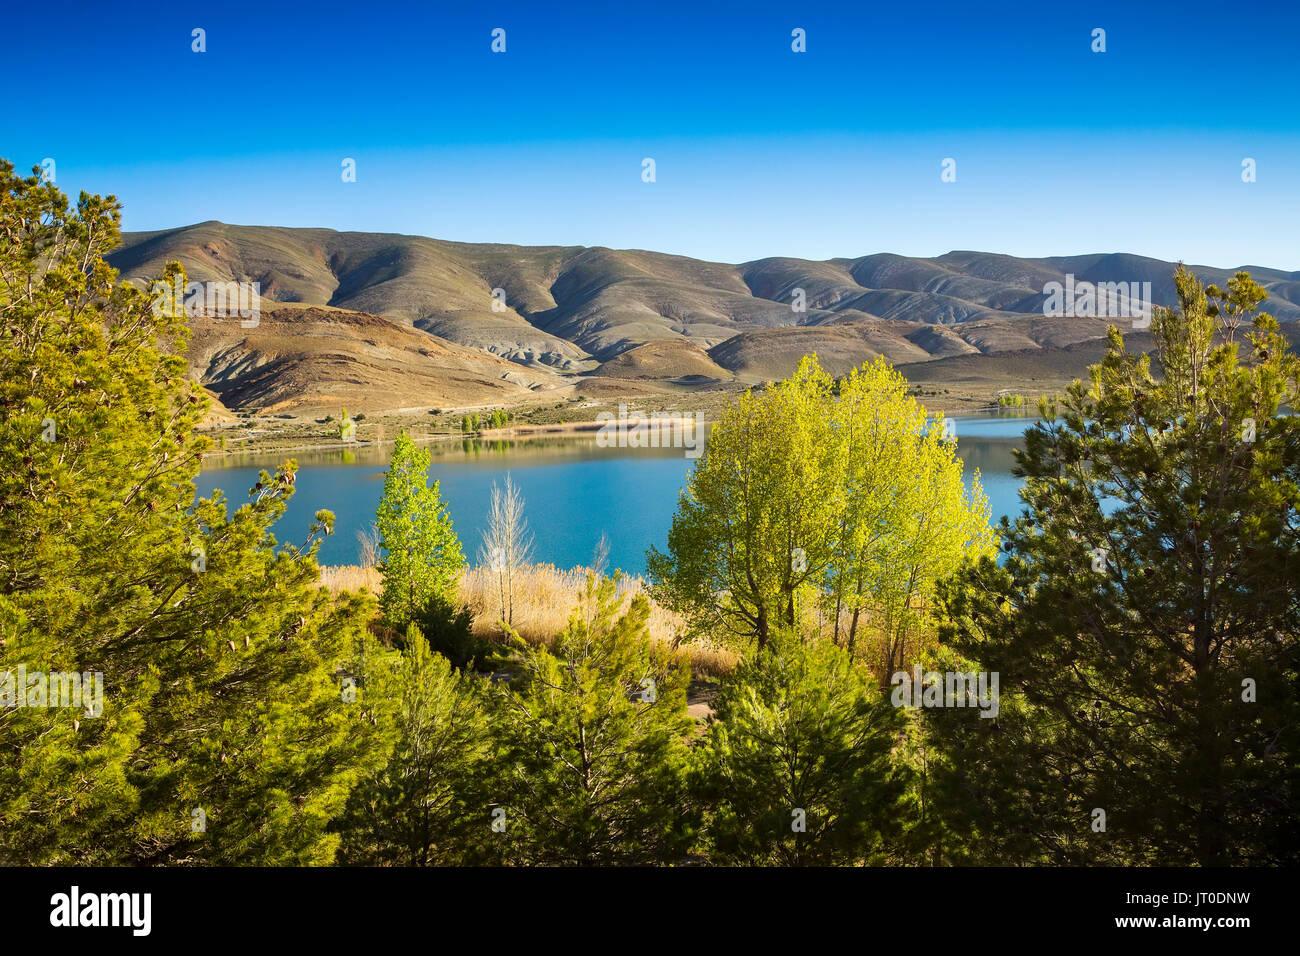 Acque blu del lago e dalla vegetazione. Alto Atlante. Il Marocco, Maghreb Nord Africa Immagini Stock